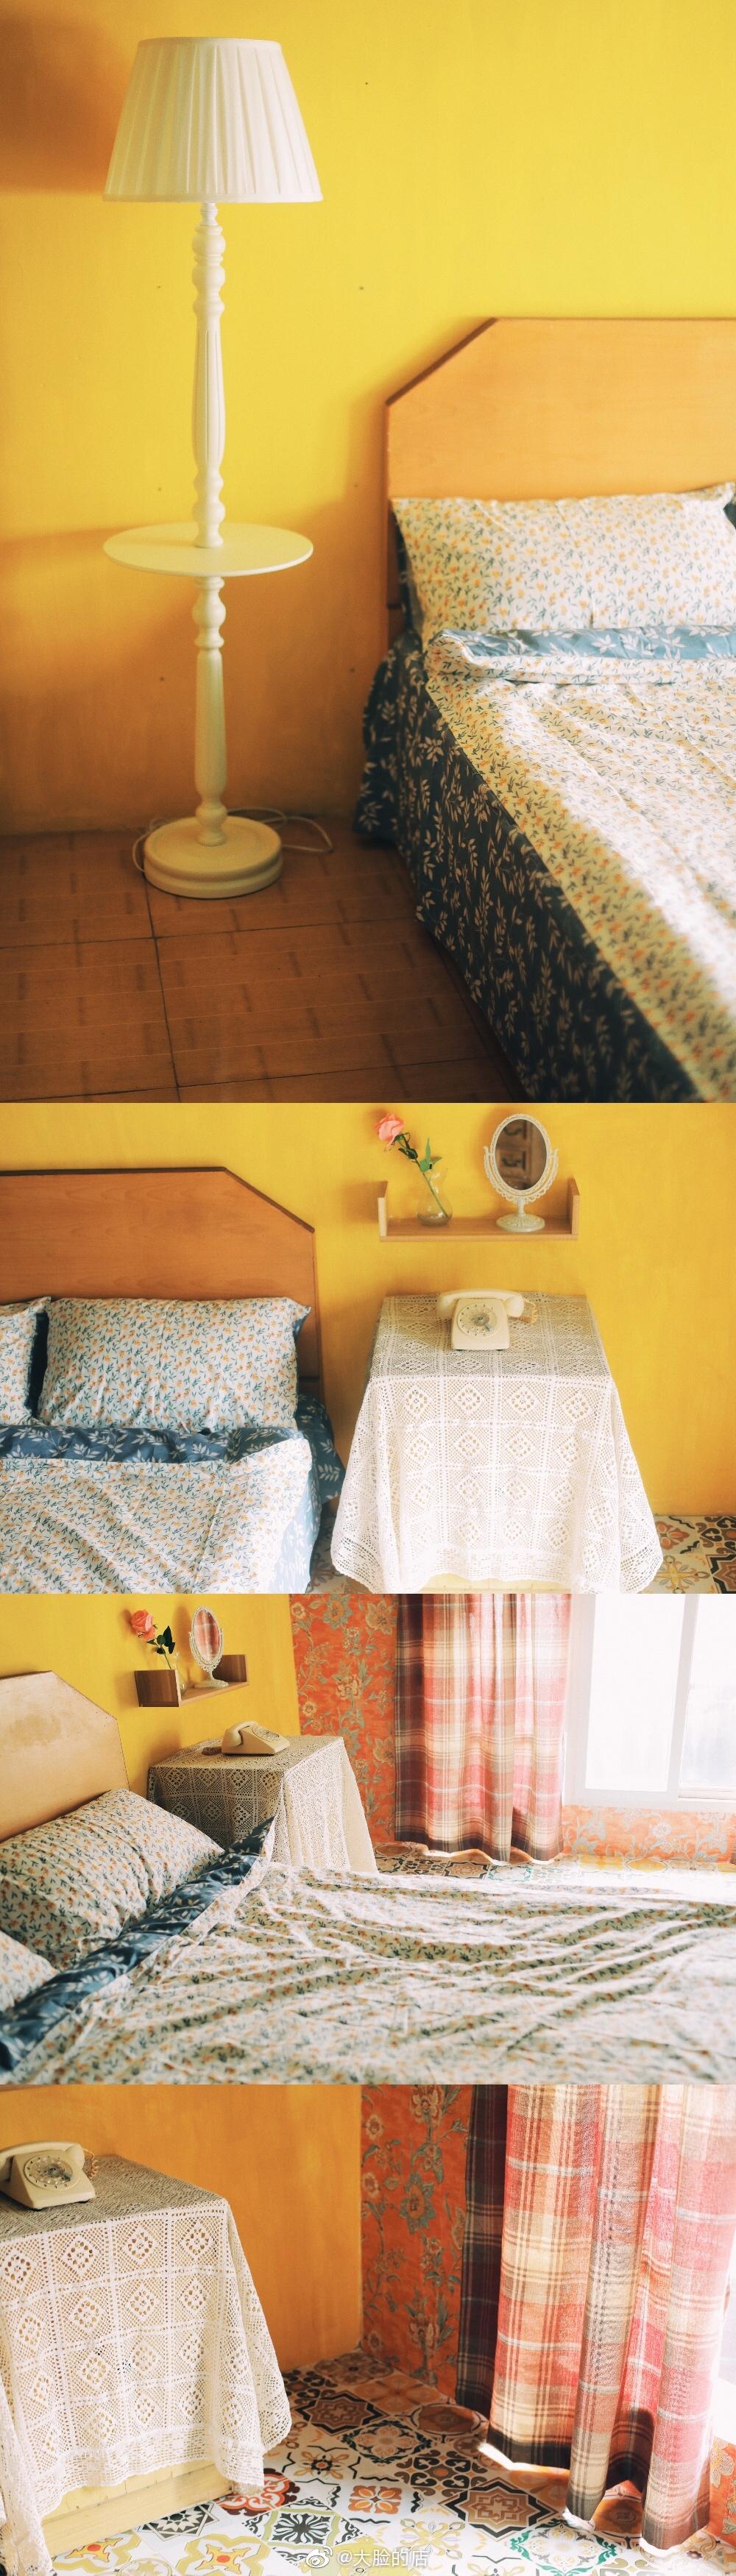 做了一个很喜欢的阁楼民宿,给外地来武汉旅拍的摄影师提供方便